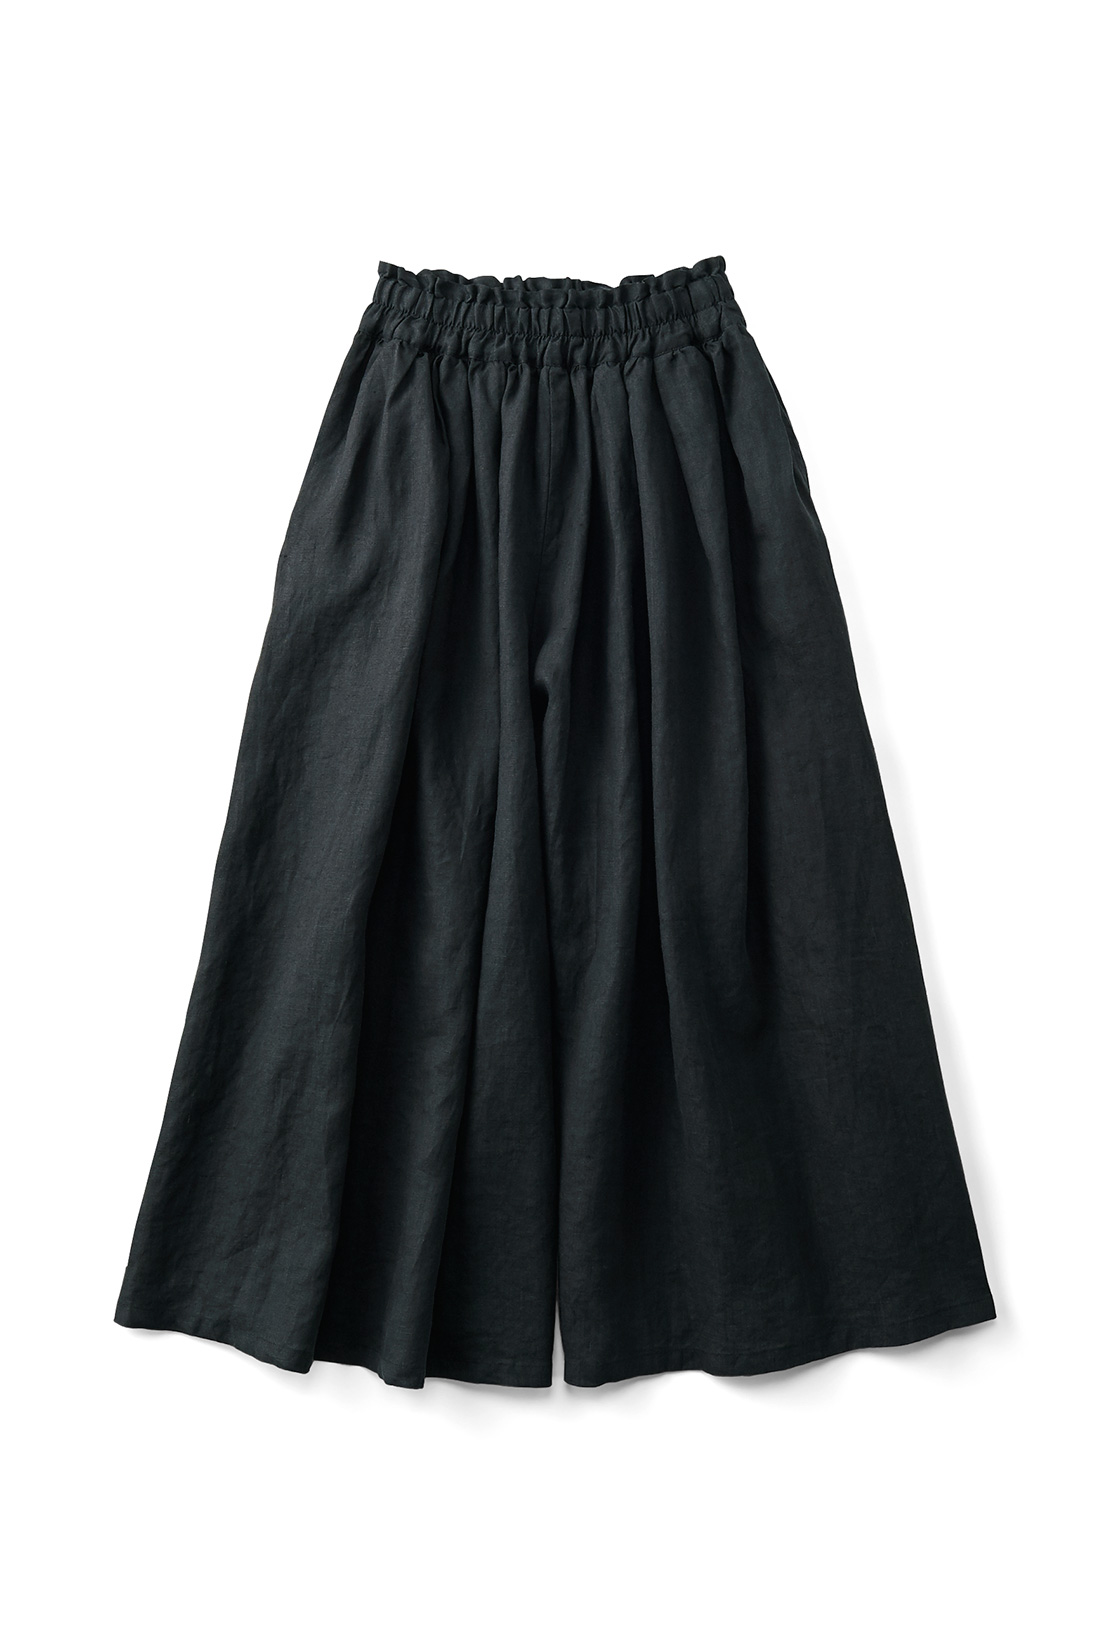 〈ブラック〉 スカートみたいに見えるけれど、実はパンツっていうのがいいでしょ。